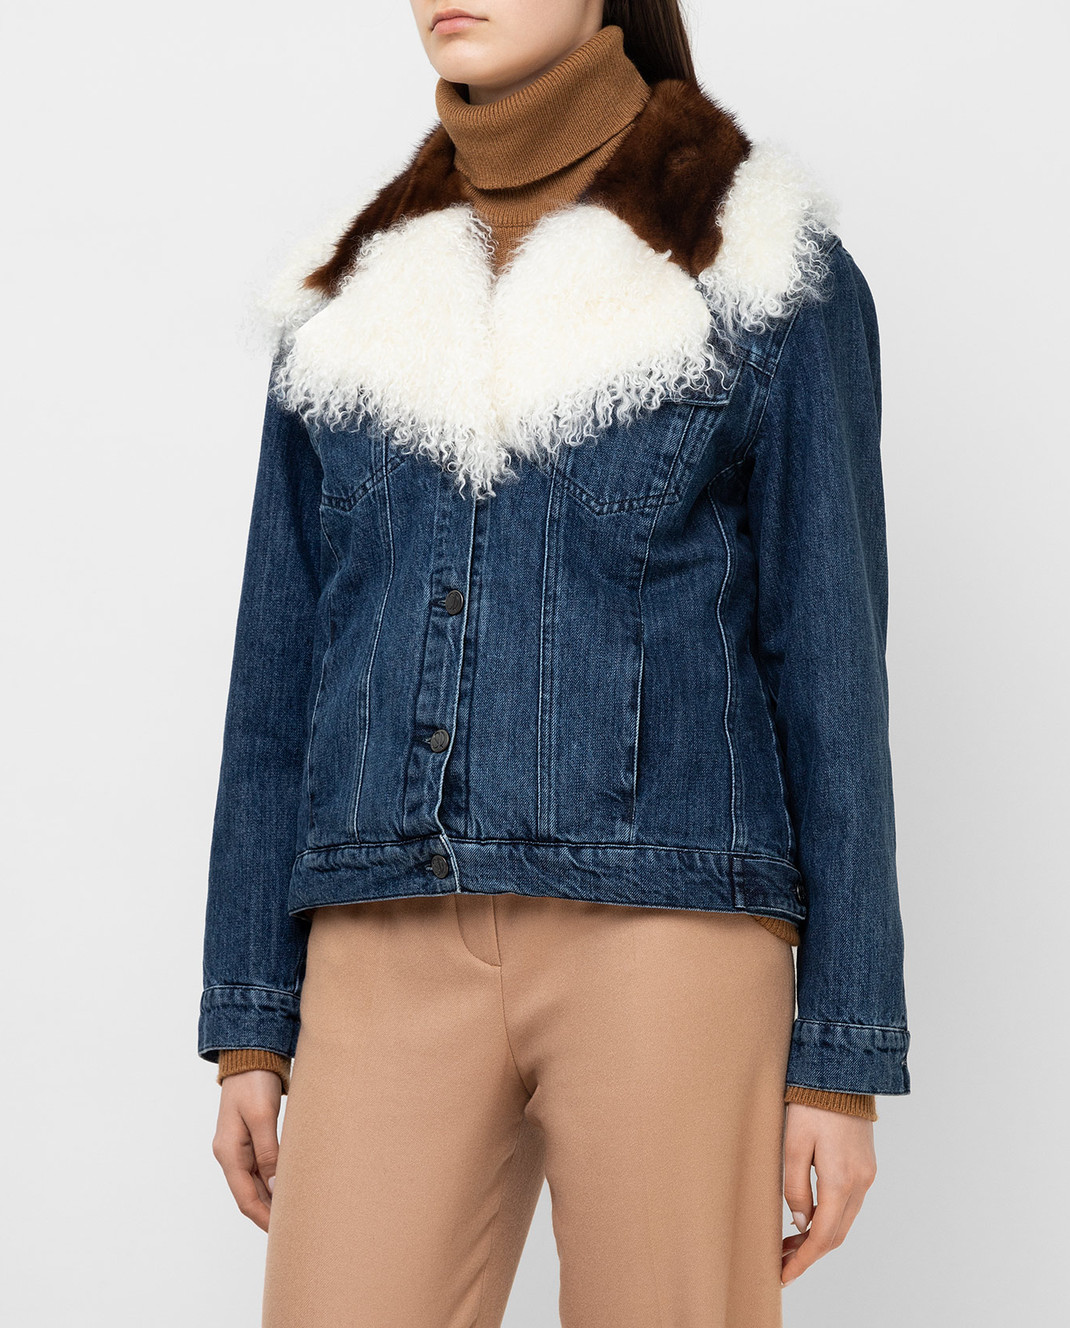 Simonetta Ravizza Синяя джинсовая куртка с мехом норки JALE3 изображение 3